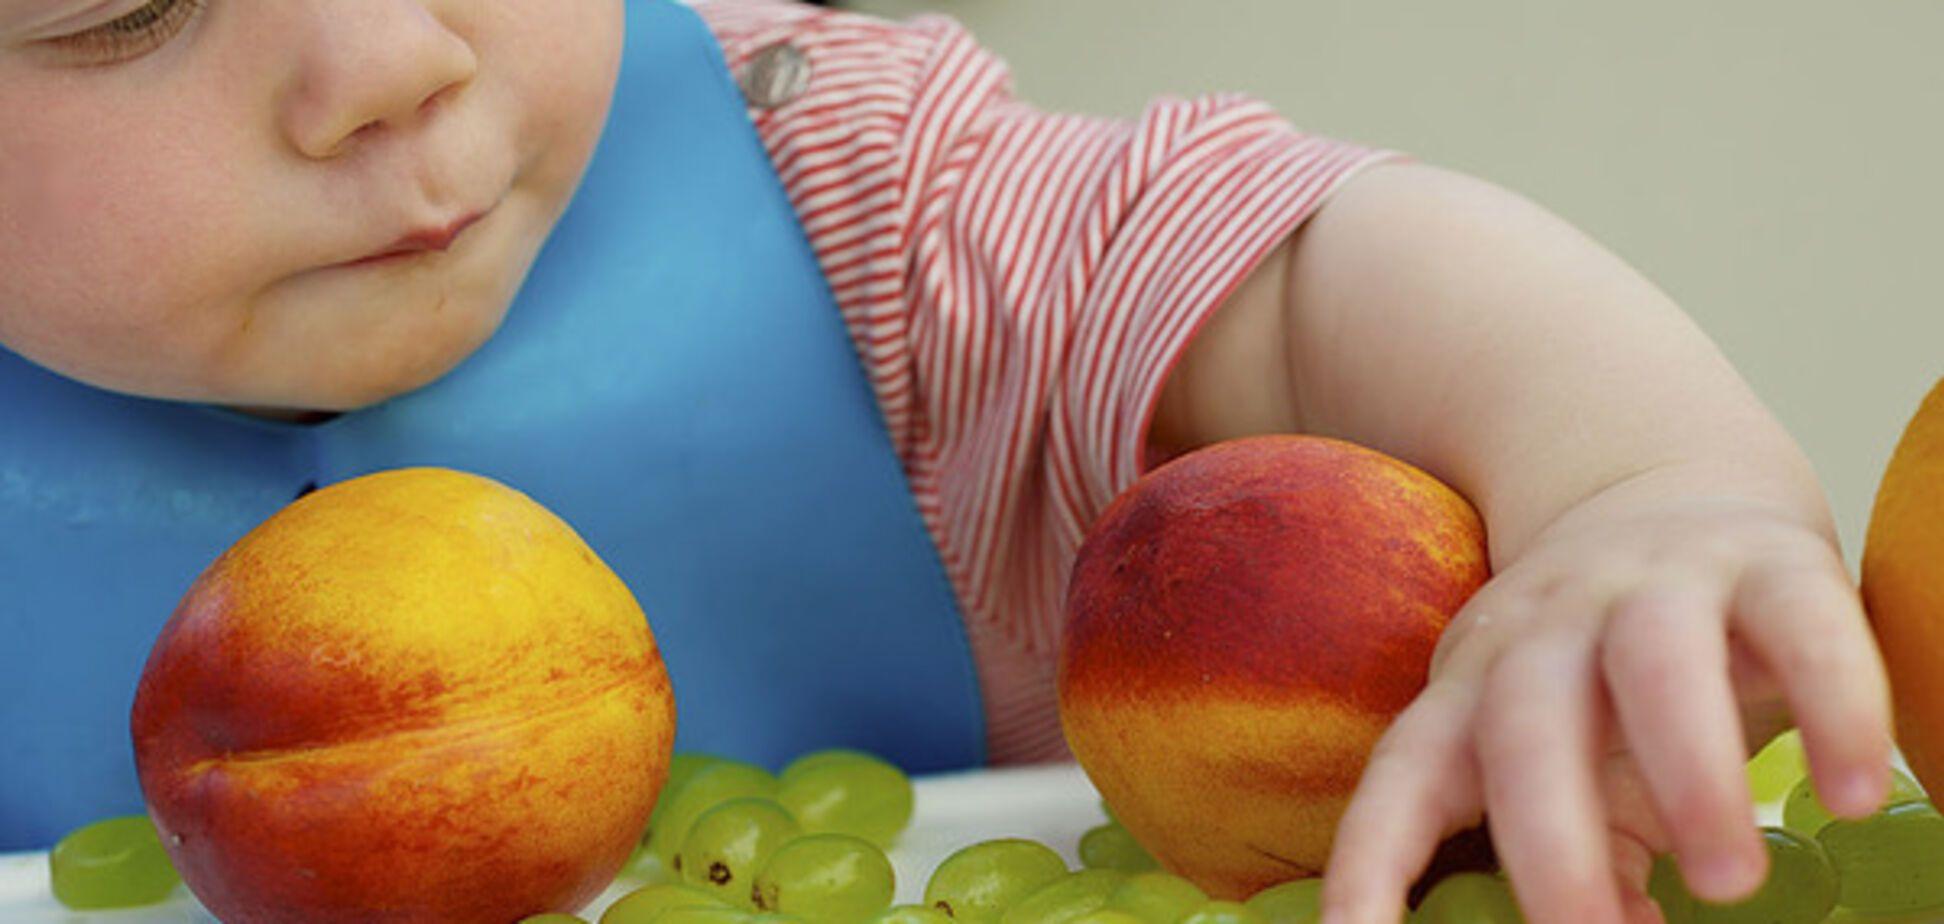 Витамины для детей: как выбирать и что нужно знать родителям